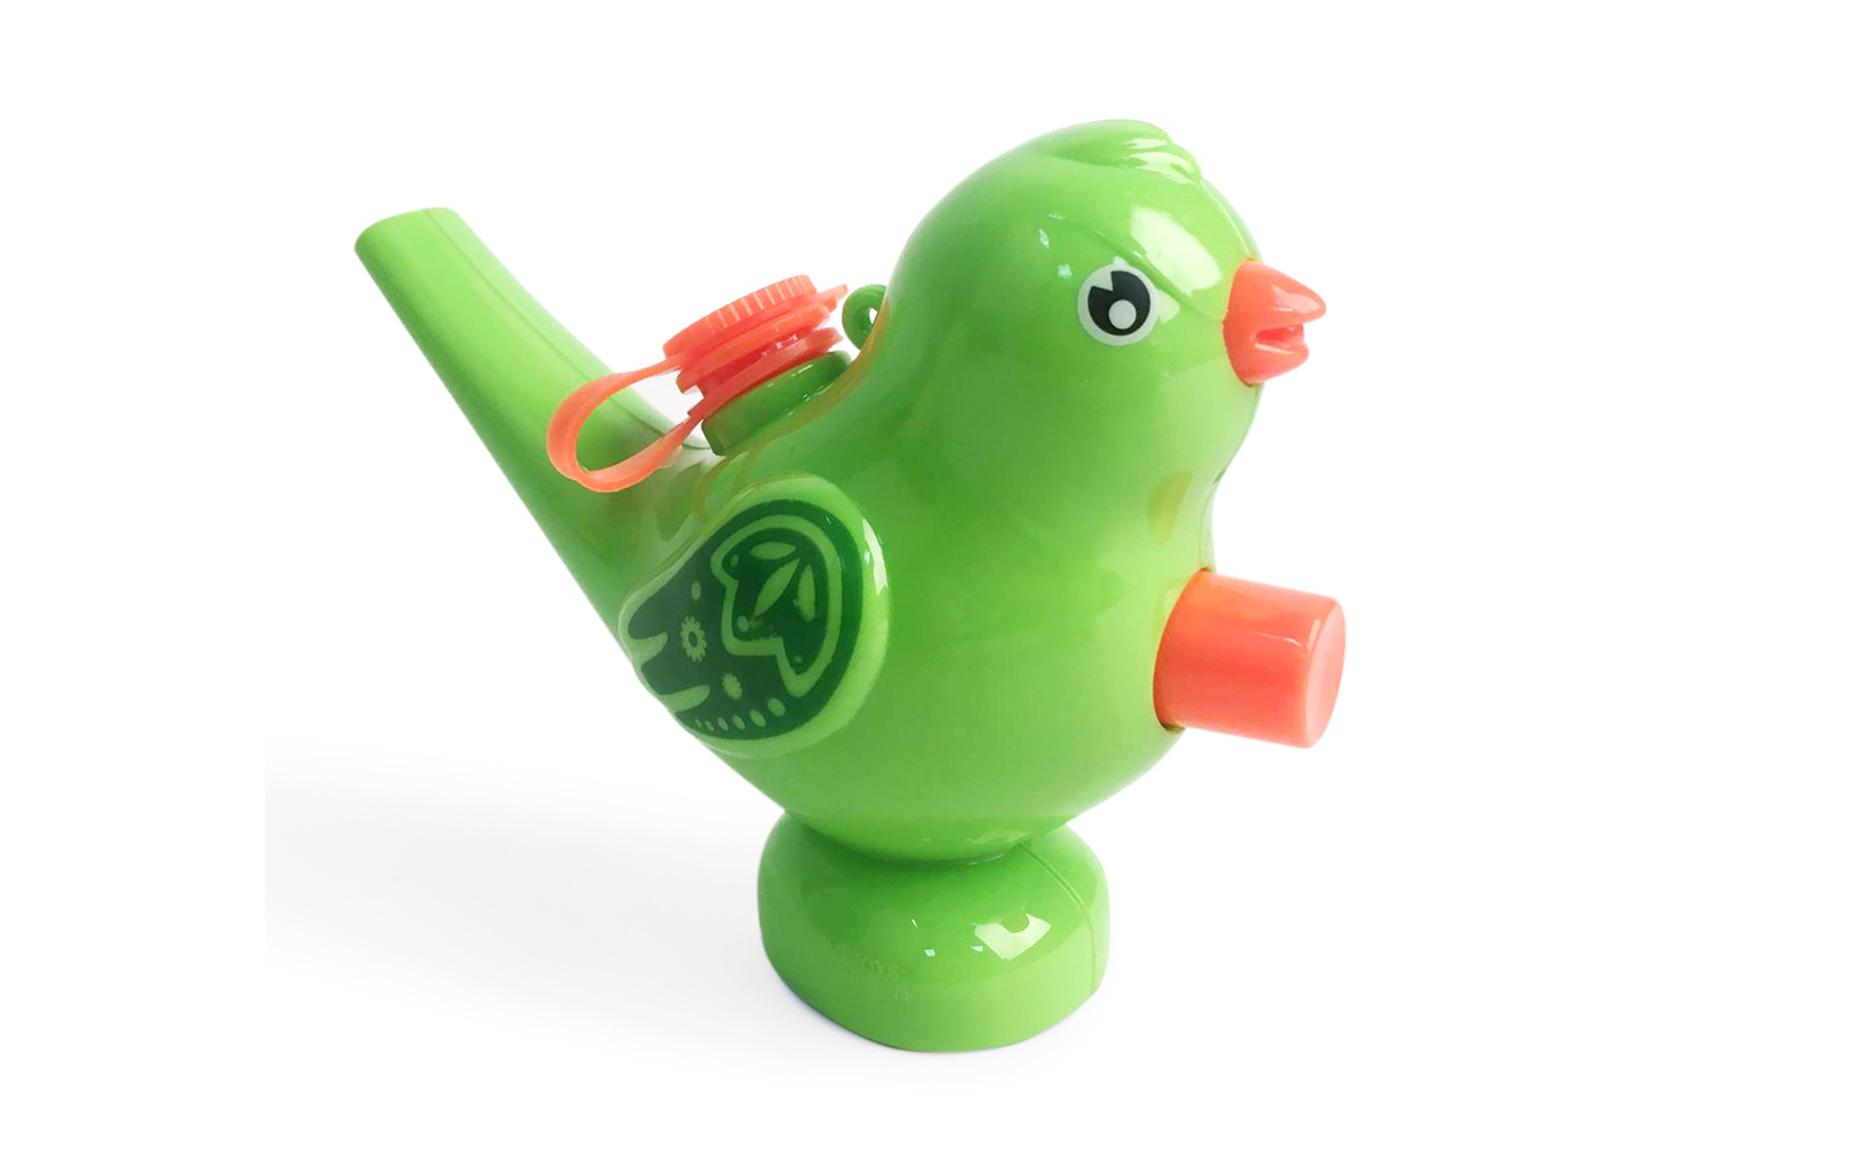 Музыкальные инструменты Happy baby Игрушка-свисток Happy Baby «Birdy» happy baby happy baby развивающая игрушка руль rudder со светом и звуком